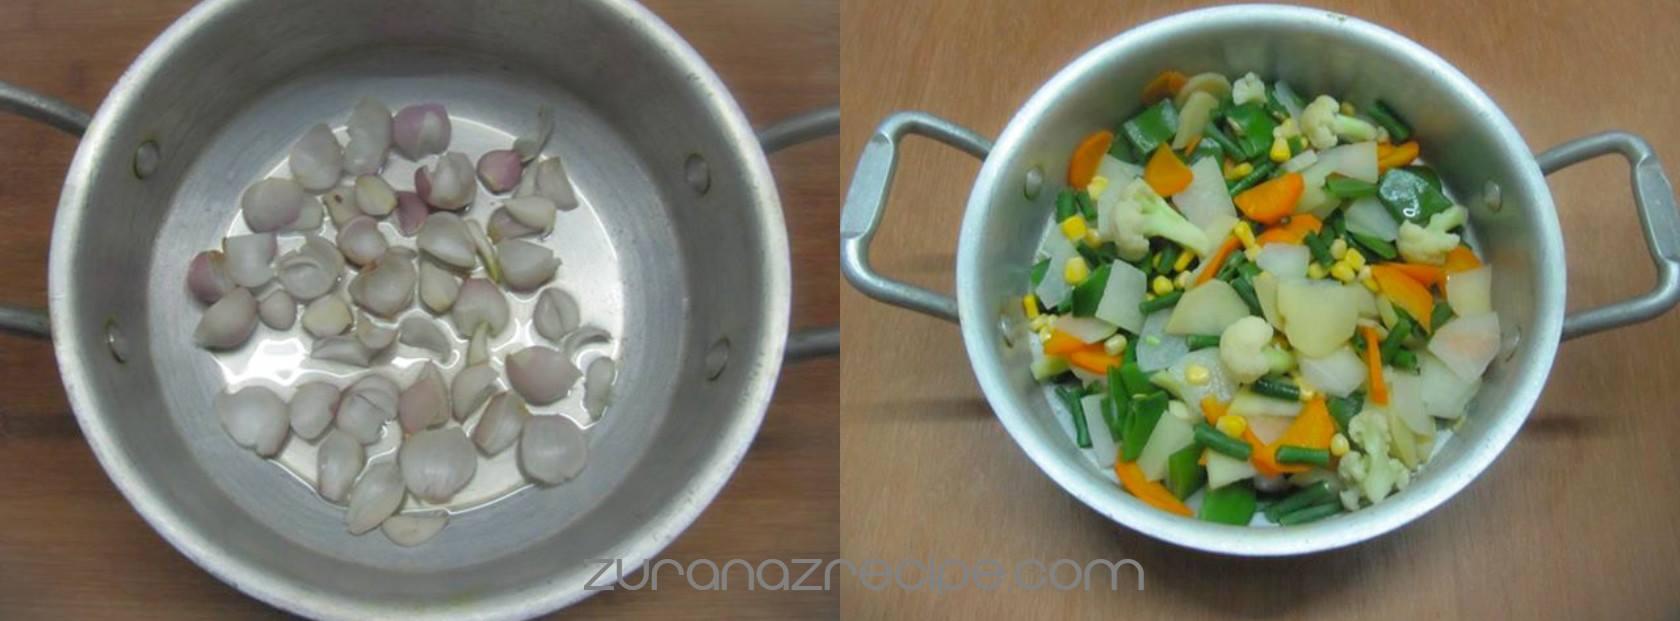 Chinese mixed vegetablesbangladeshi style chinese mixed vegetables chinese mixed vegetables forumfinder Images